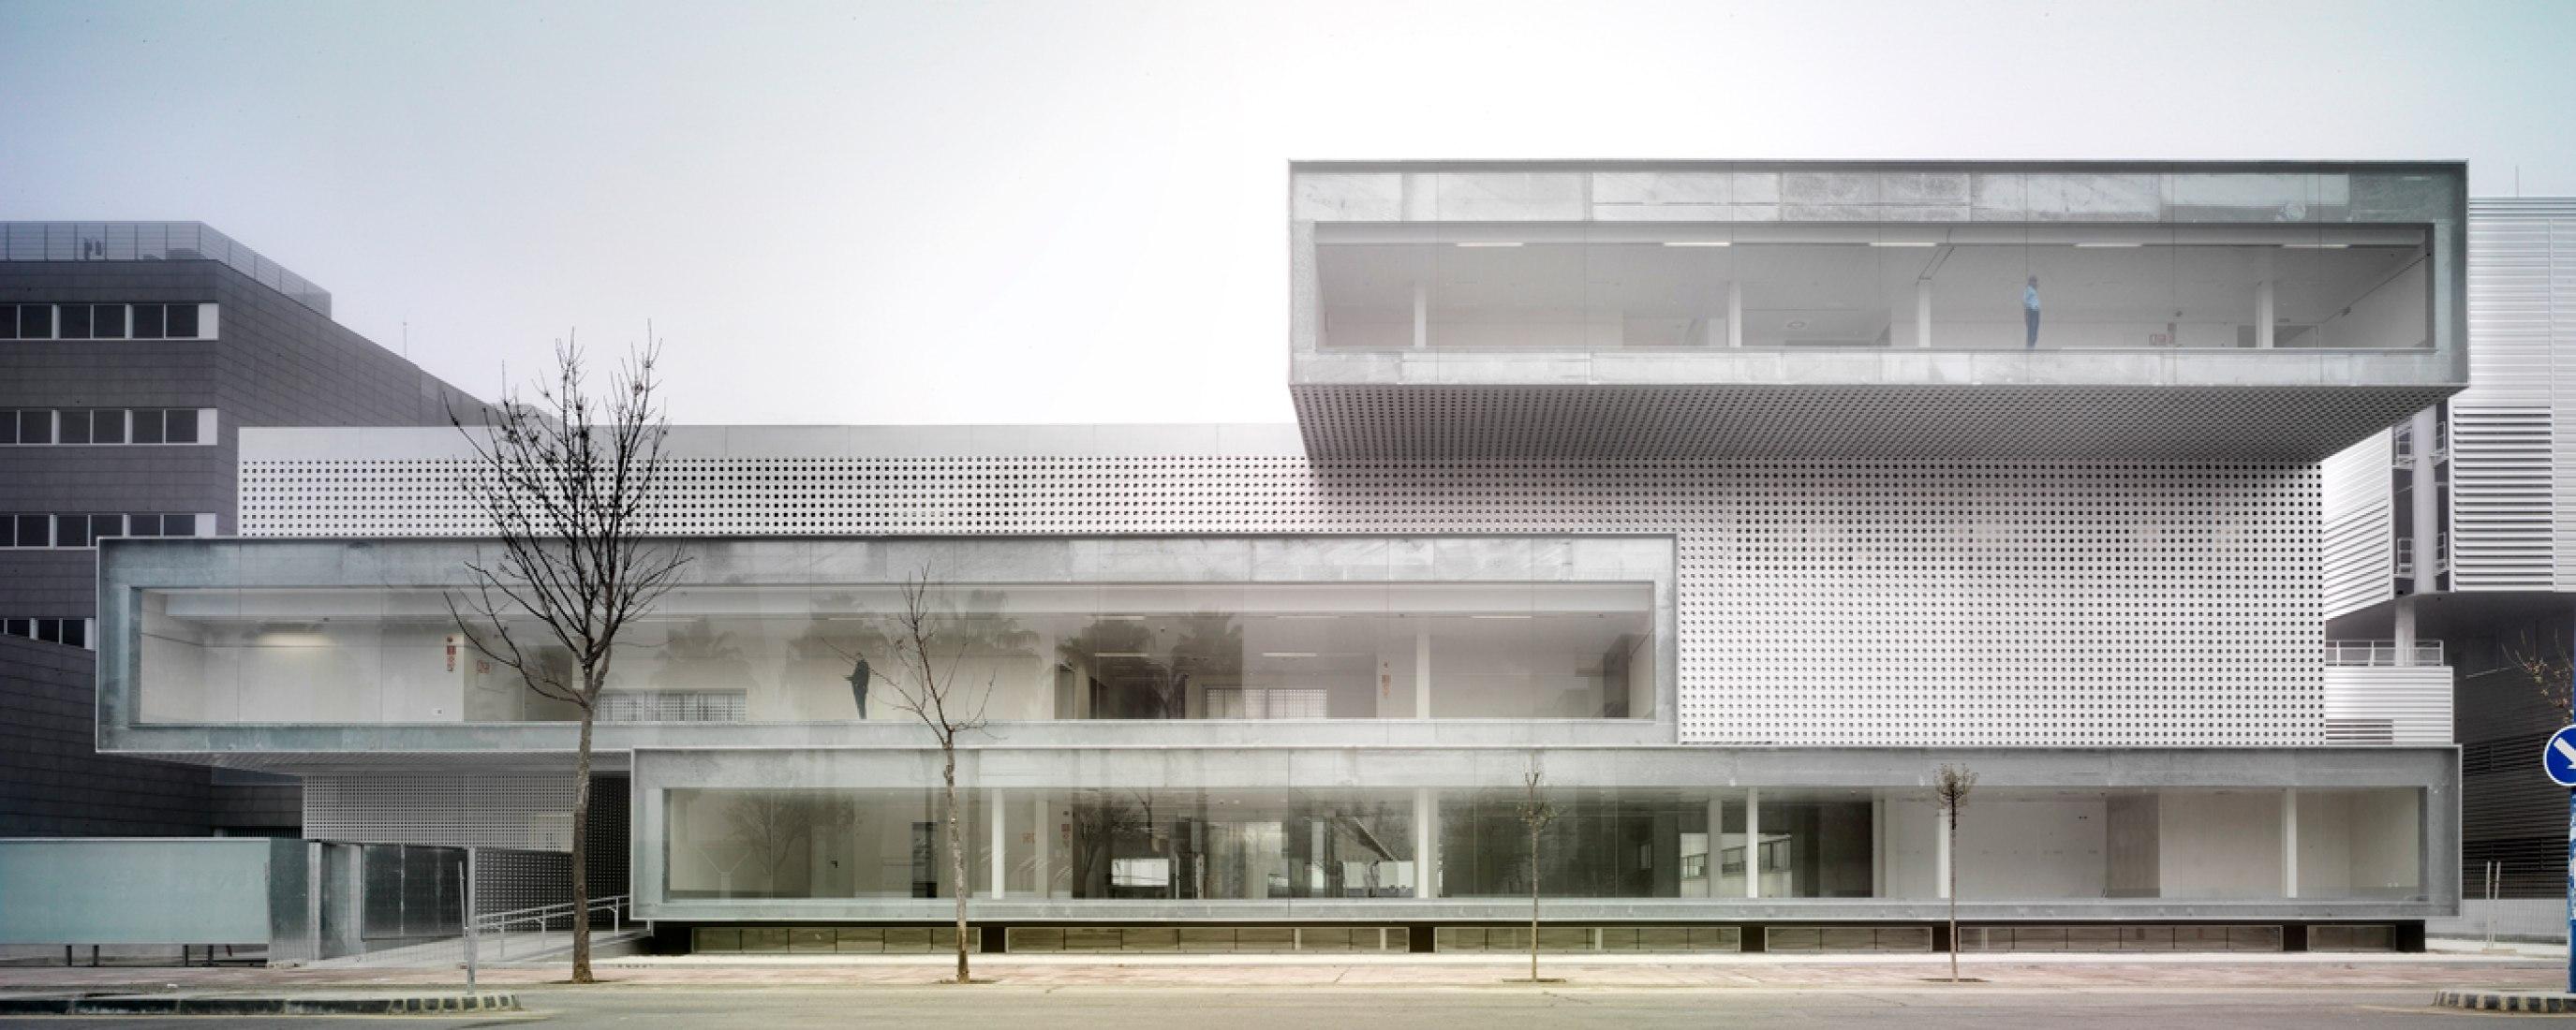 Centro hospitalario ICTAM. Instituto Cartuja de Técnicas Avanzadas en Medicina, MGM Arquitectos, Sevilla, 2012. Fotografía © Jesús Granada.